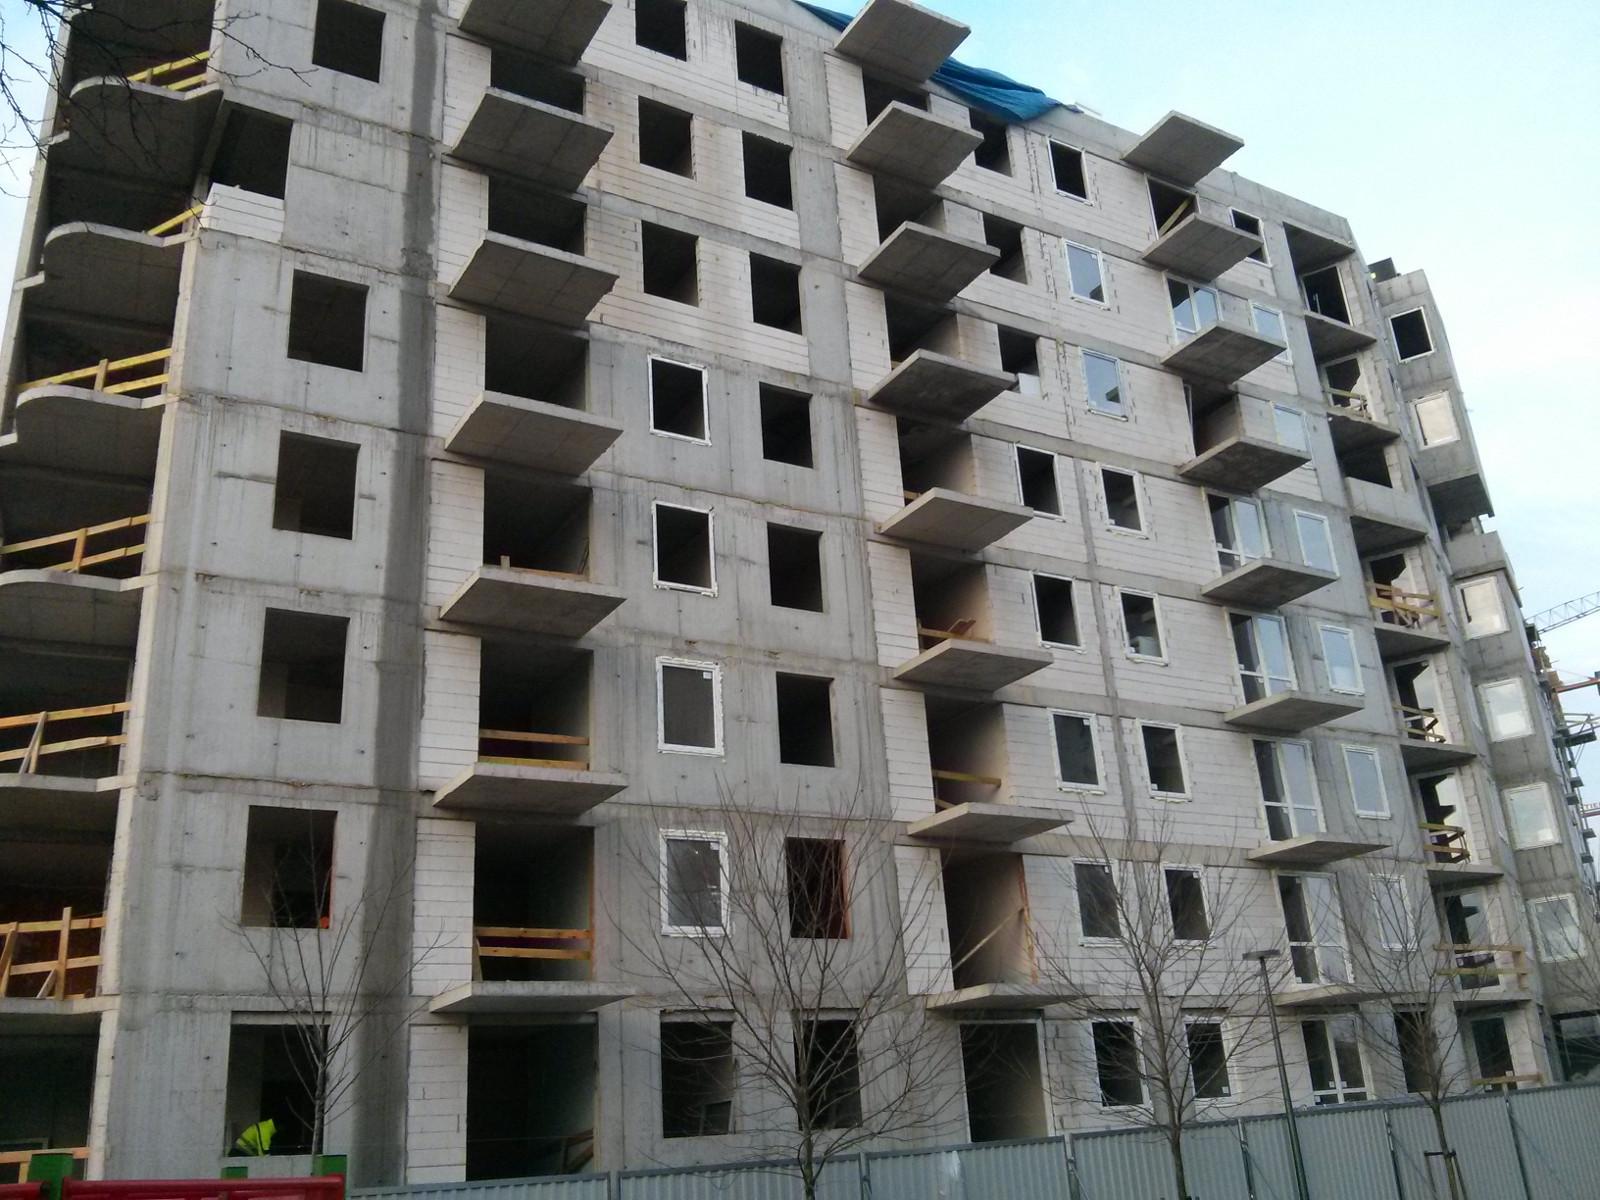 Nowe tanie mieszkania na osiedlu Avia 5 - Budimex stawia blok